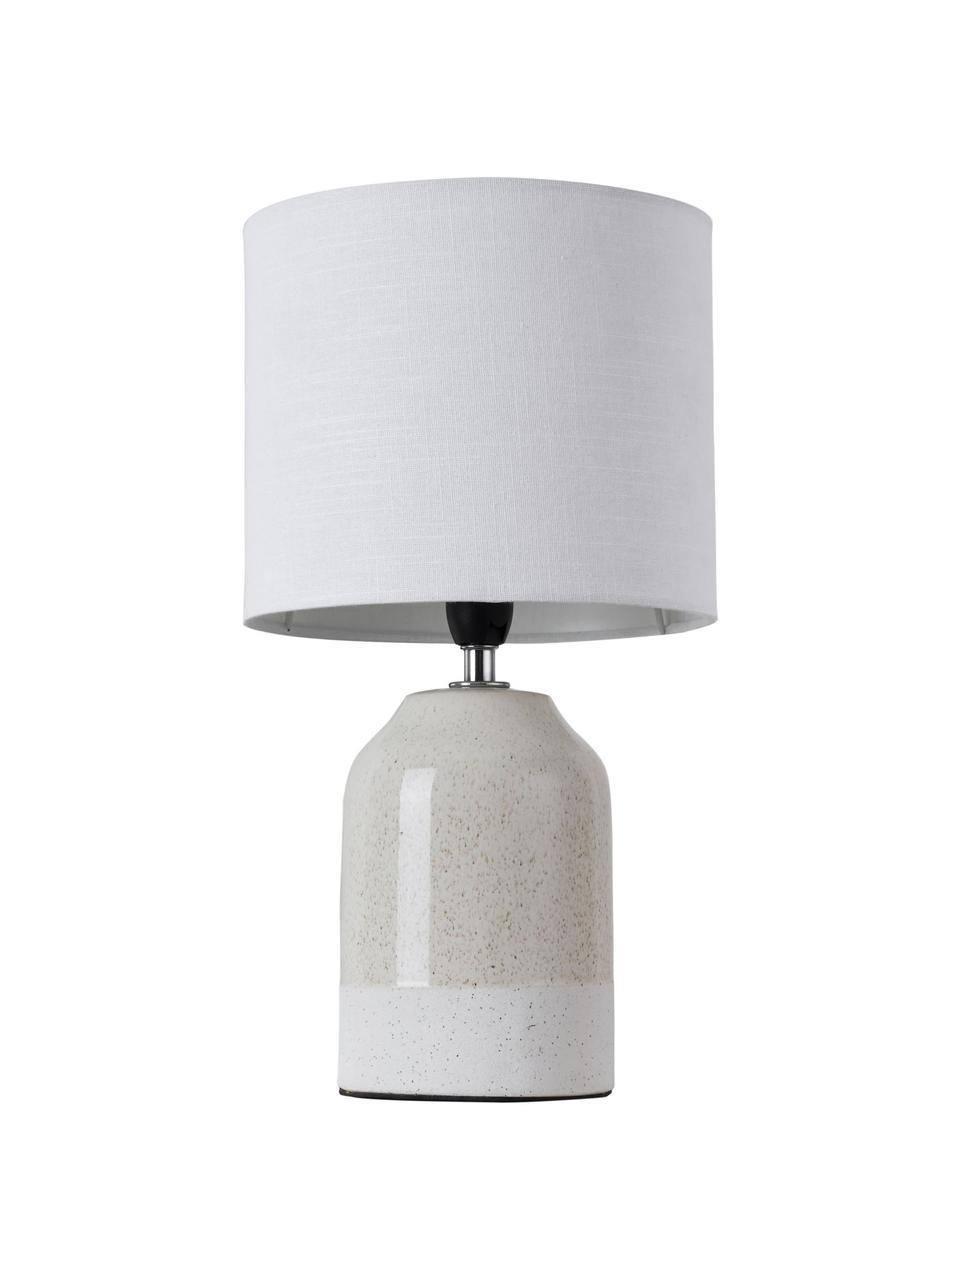 Kleine Nachttischlampe Sandy Glow aus Keramik, Lampenschirm: Leinen, Lampenfuß: Keramik, Beige, Weiß, Ø 18 x H 33 cm